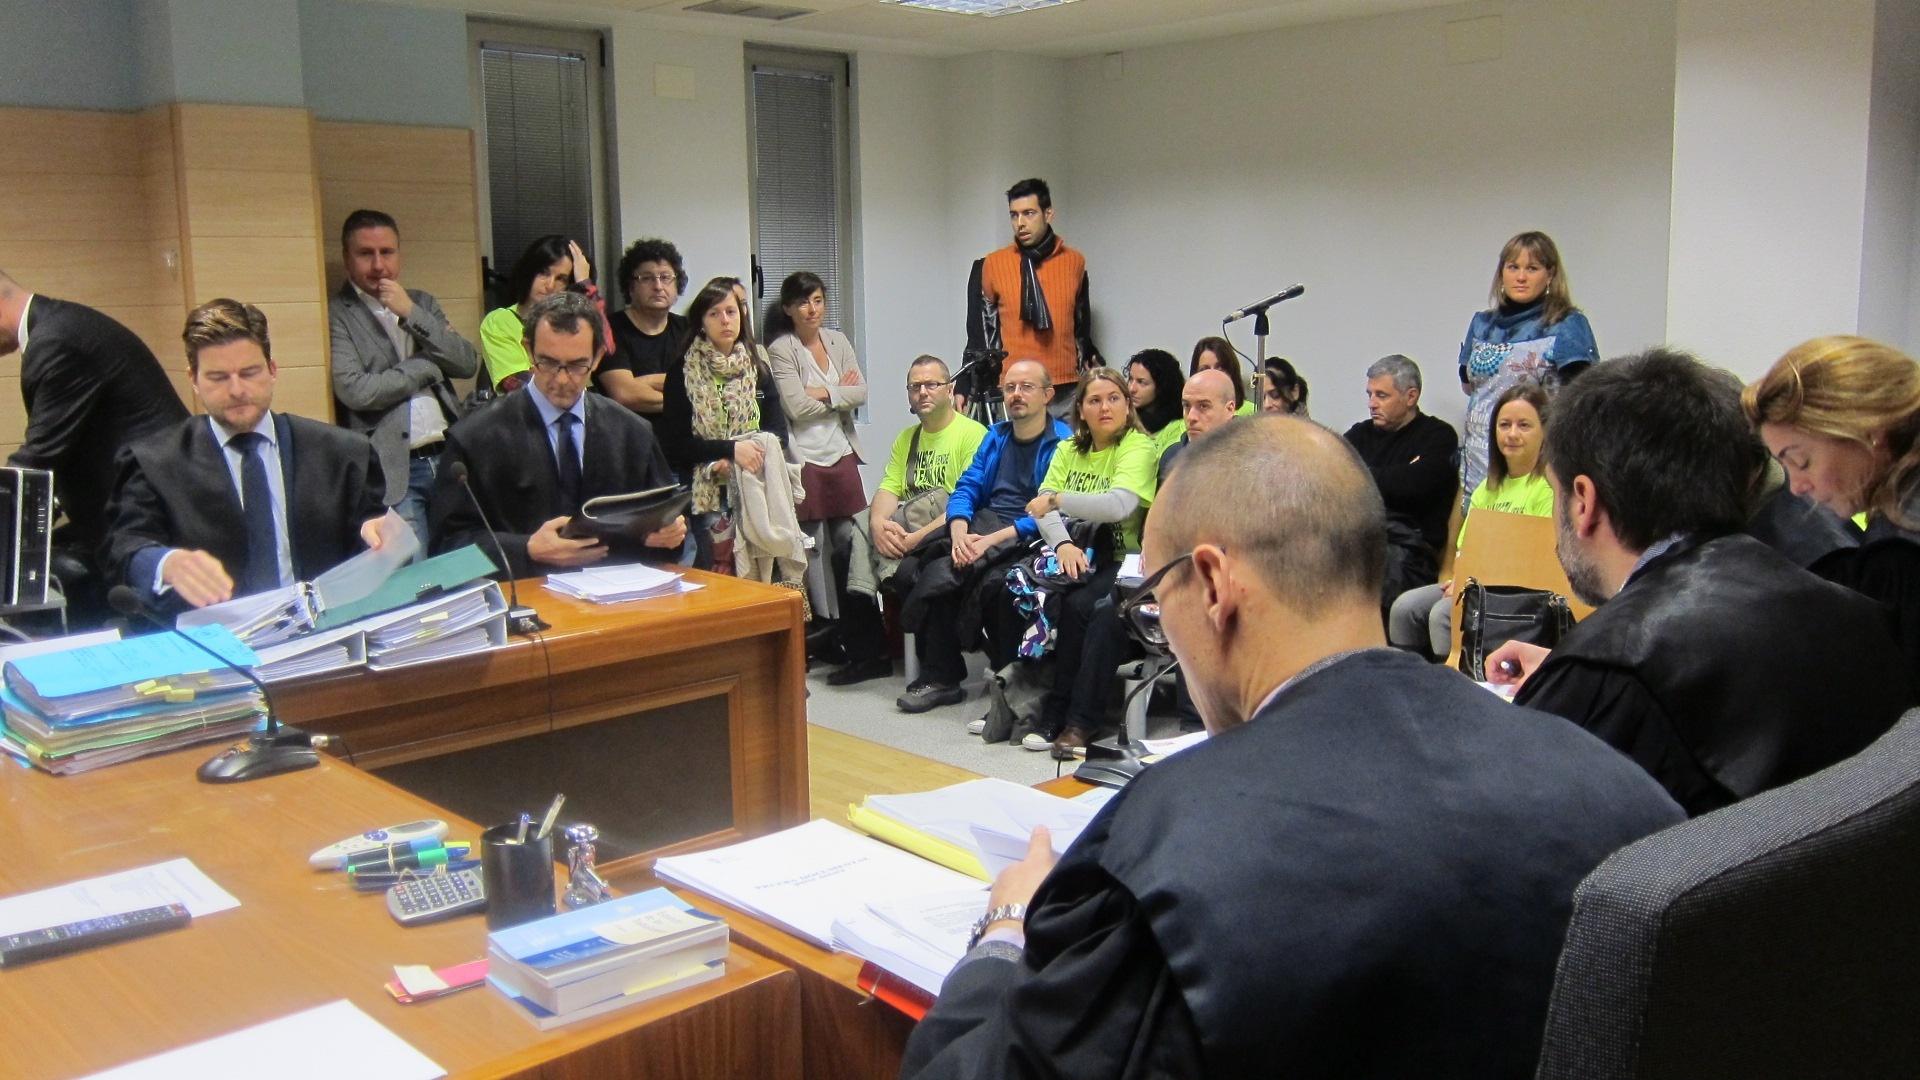 Konecta alega que el traslado a Valladolid le cuesta casi lo mismo que indemnizar a la plantilla